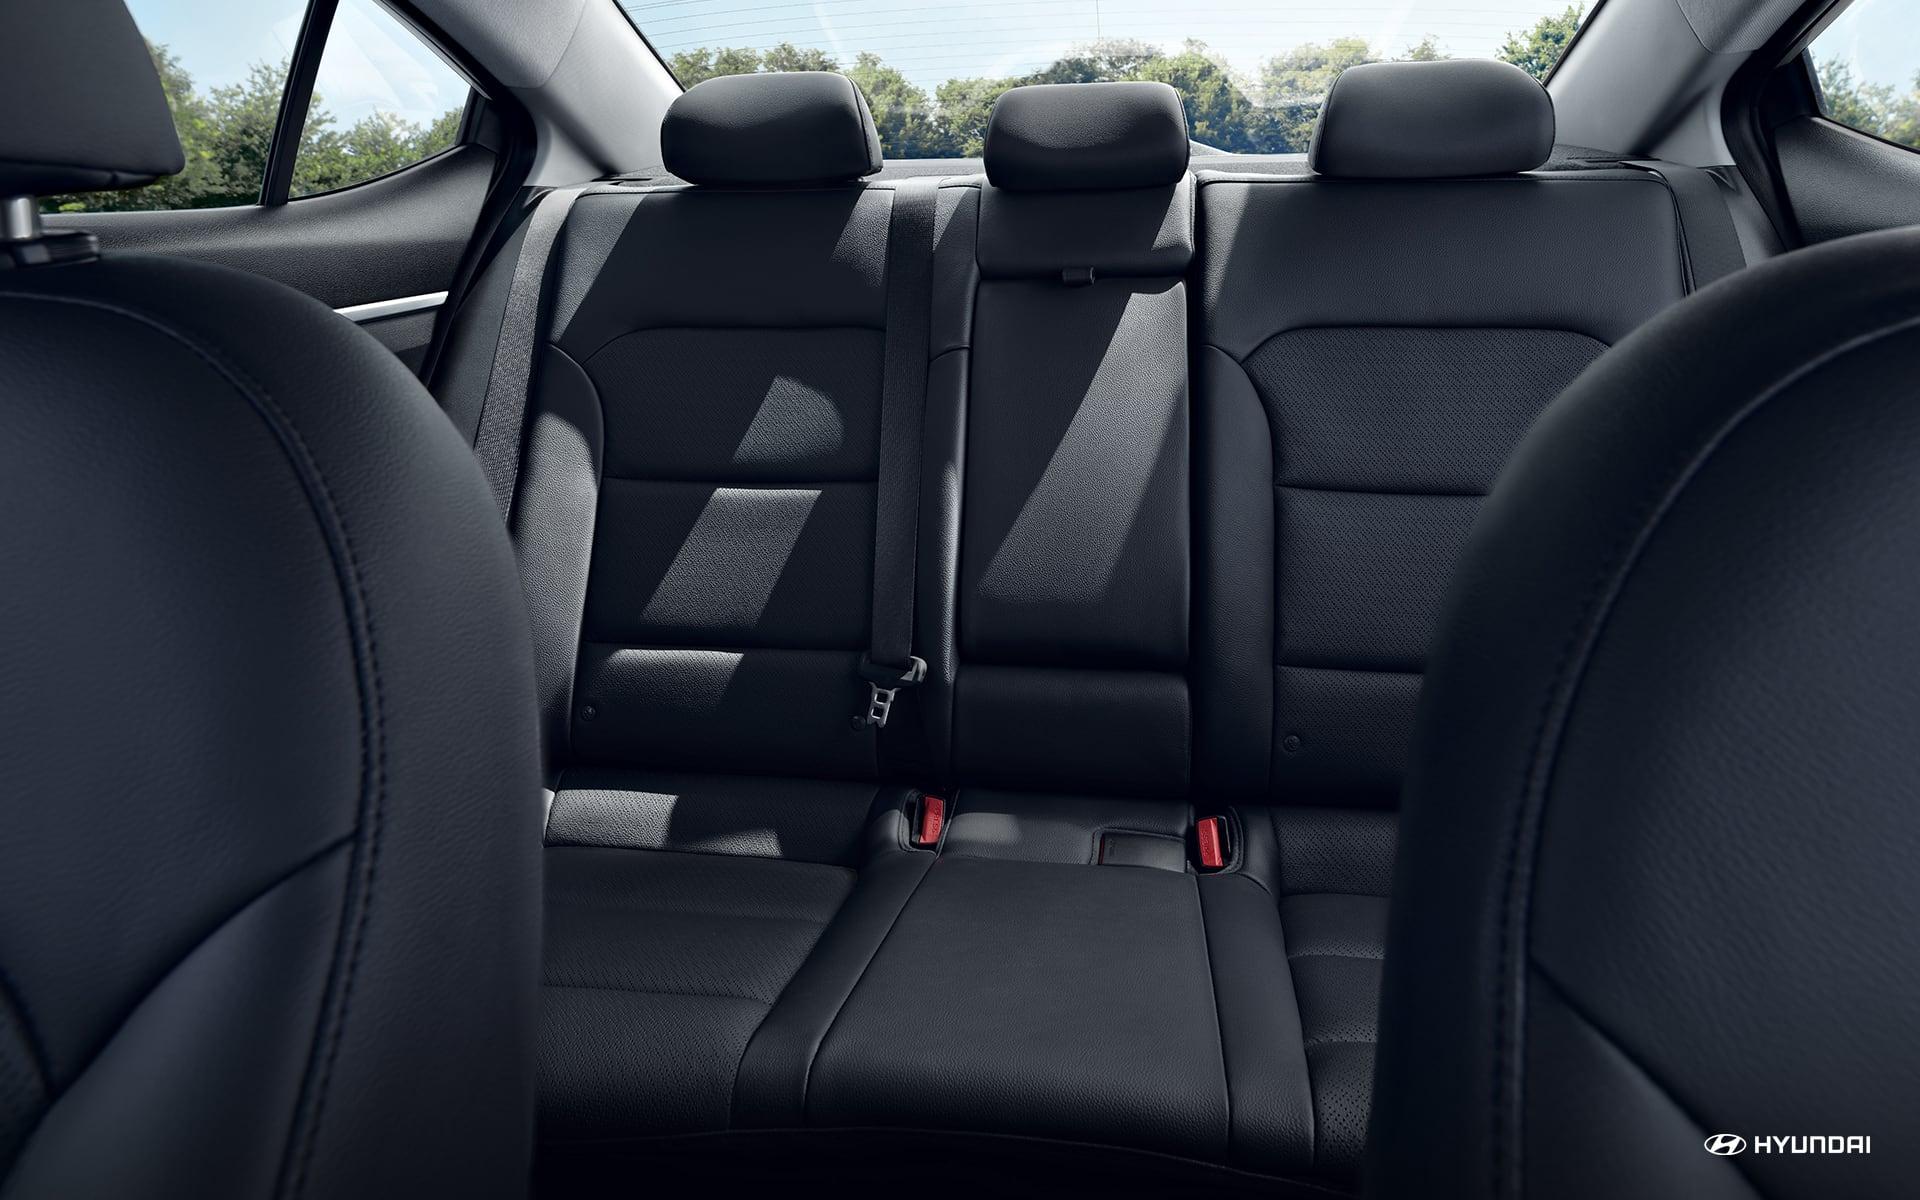 2020 Elantra Rear Seating